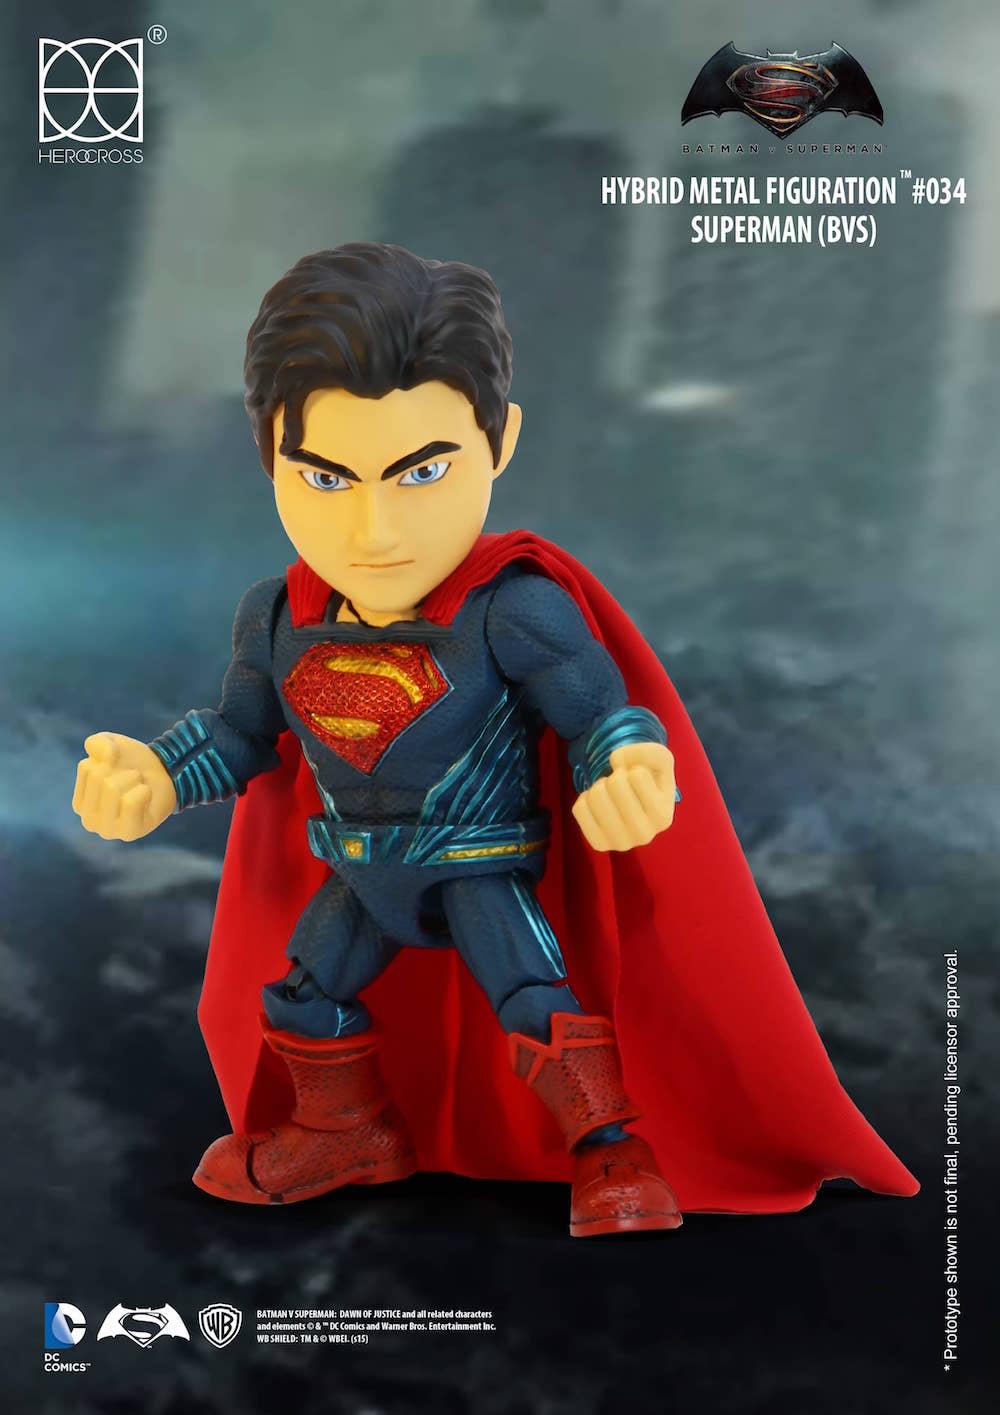 SUPERMAN FIGURA 14 CM BATMAN VS SUPERMAN DC COMICS